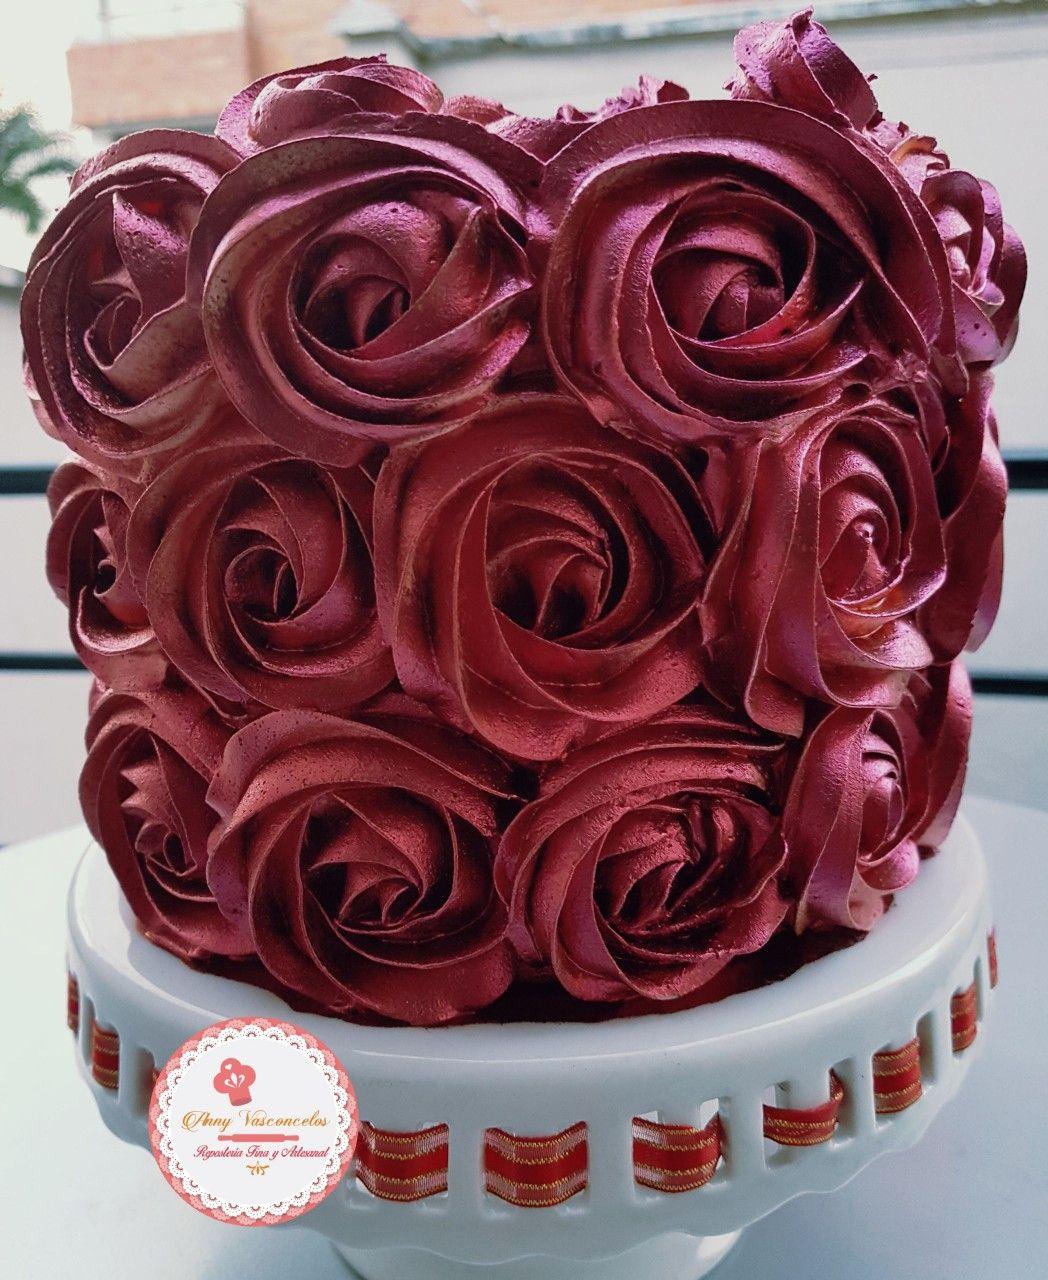 La Wine Rose Cake Mucho Brillo En Una Hermosa Torta Reposteria Fina Tortas Reposteria